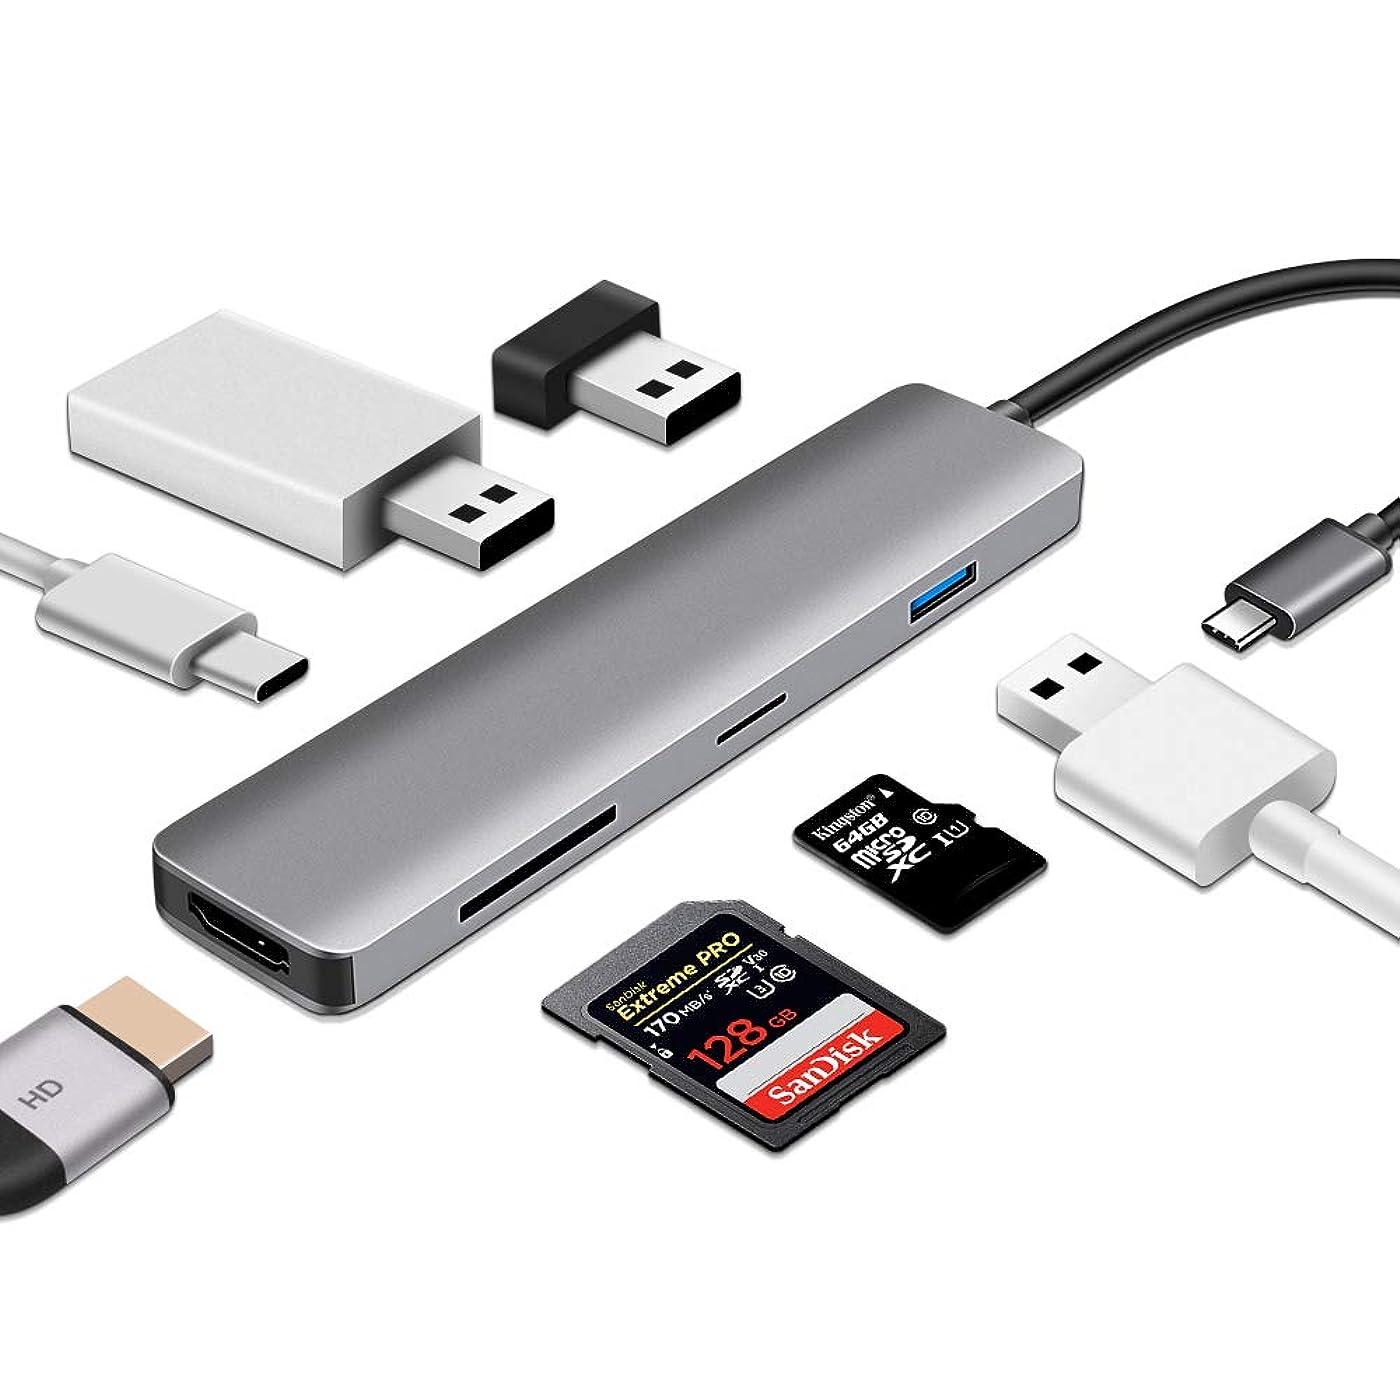 オフ相互接続とまり木ODLICNO USB C ハブ Windows/MacOS対応 Type-C ハブ 4K/HDMI×1 高速データ伝送USB3.0×3 Micro/TFSDカード マルチ 変換アダタ(7in1,type-cケーブル付き)